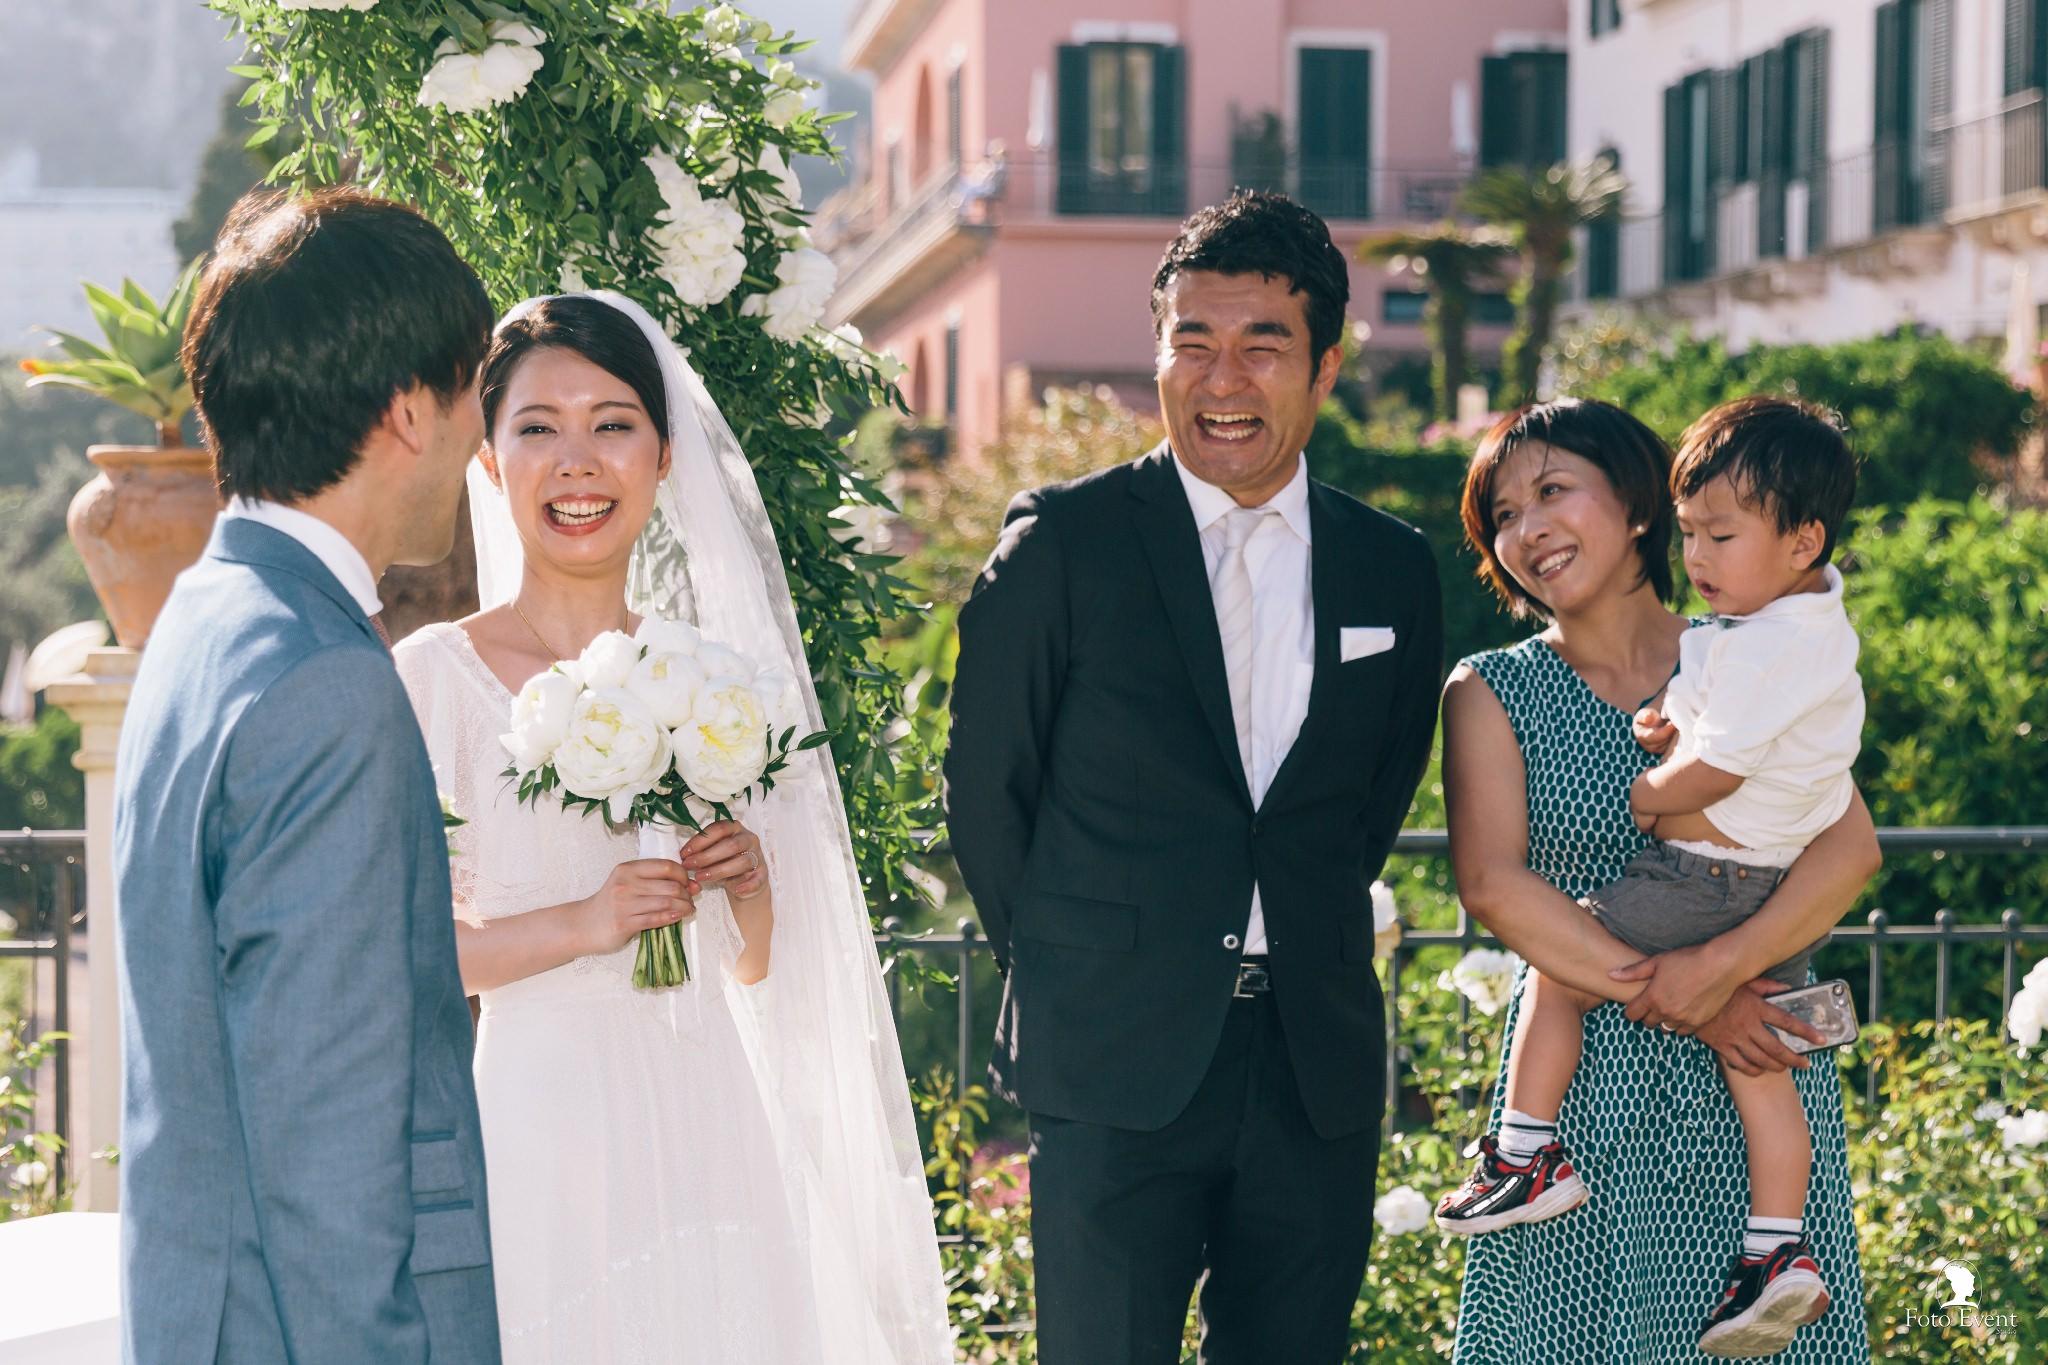 397-2019-06-14-Wedding-Yume-e-Makoto-Isee-5DE-934